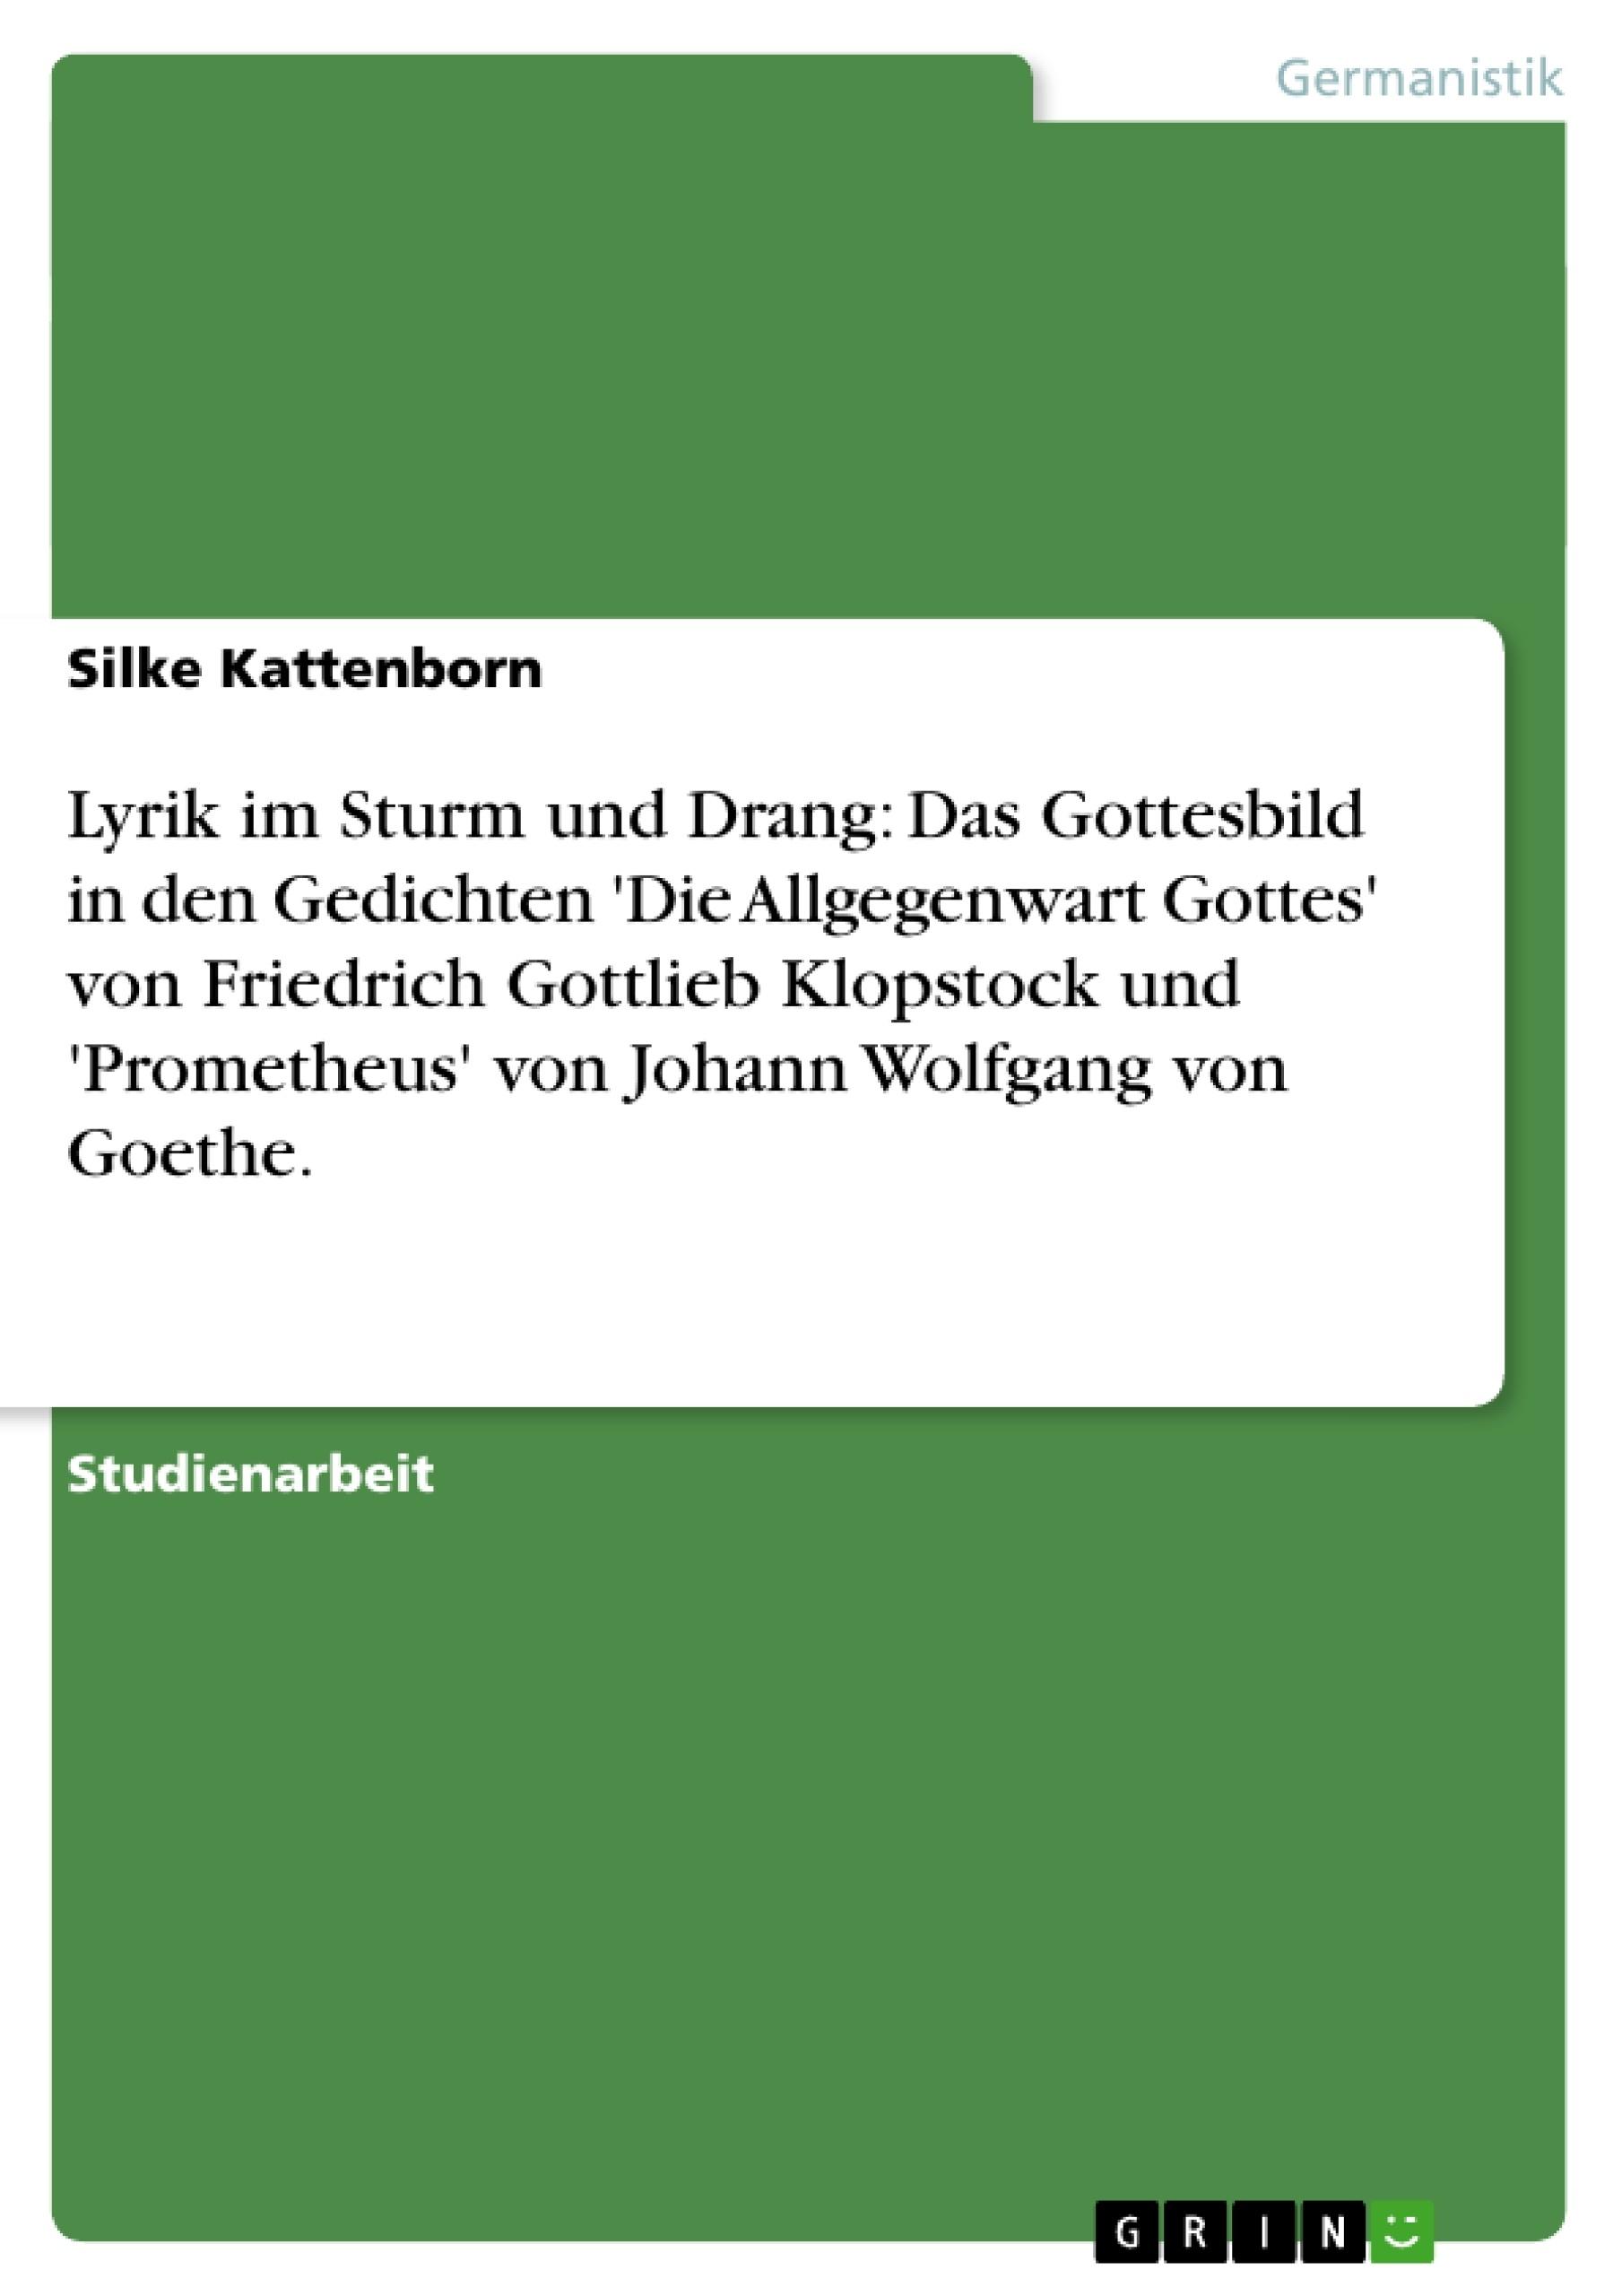 Titel: Lyrik im Sturm und Drang: Das Gottesbild in den Gedichten 'Die Allgegenwart Gottes' von Friedrich Gottlieb Klopstock und 'Prometheus' von Johann Wolfgang von Goethe.